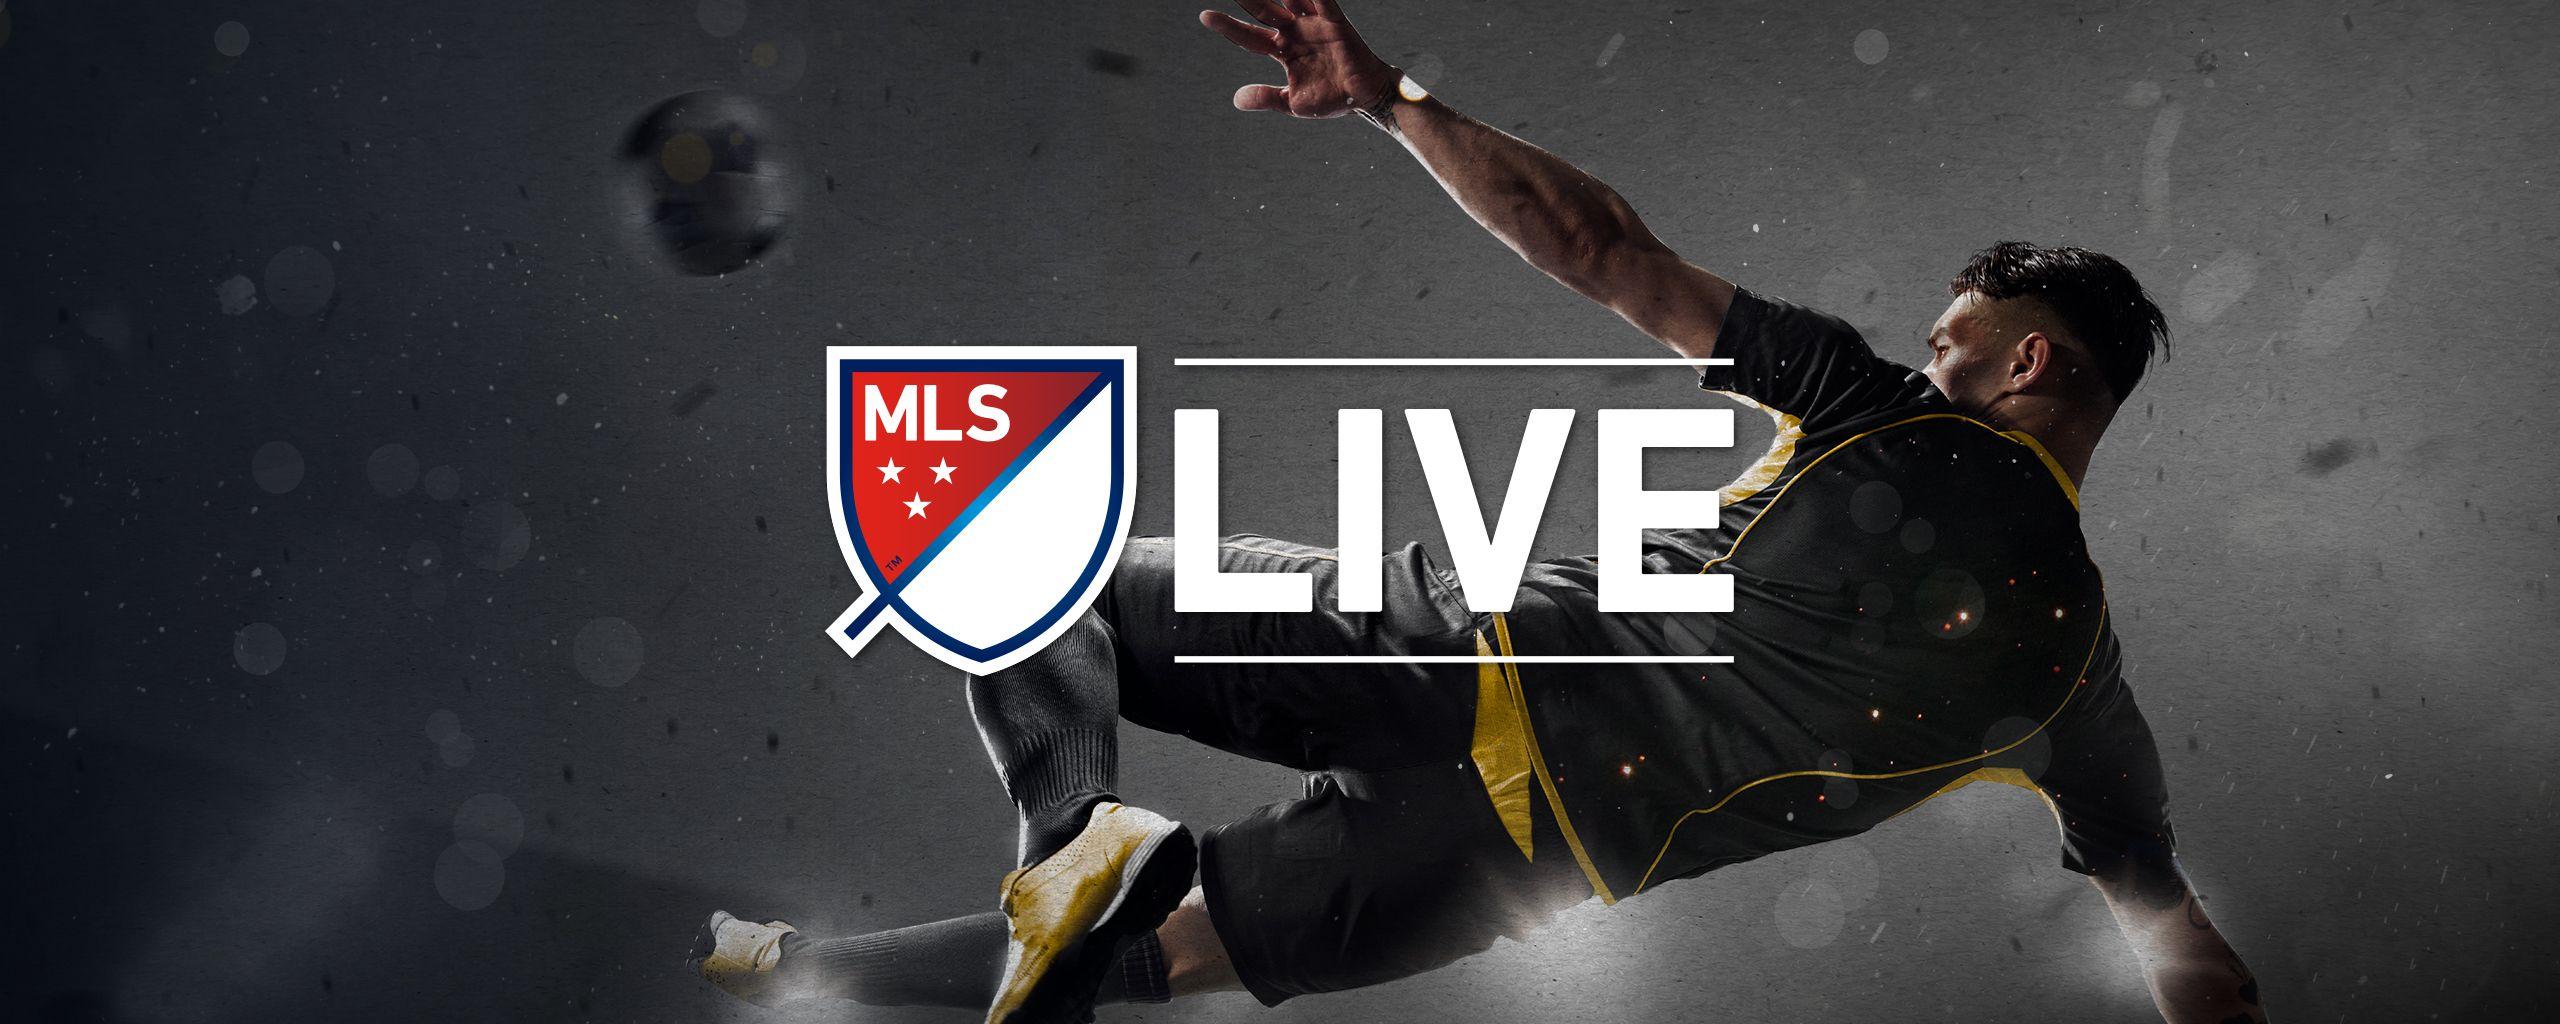 MLS Live on ESPN+